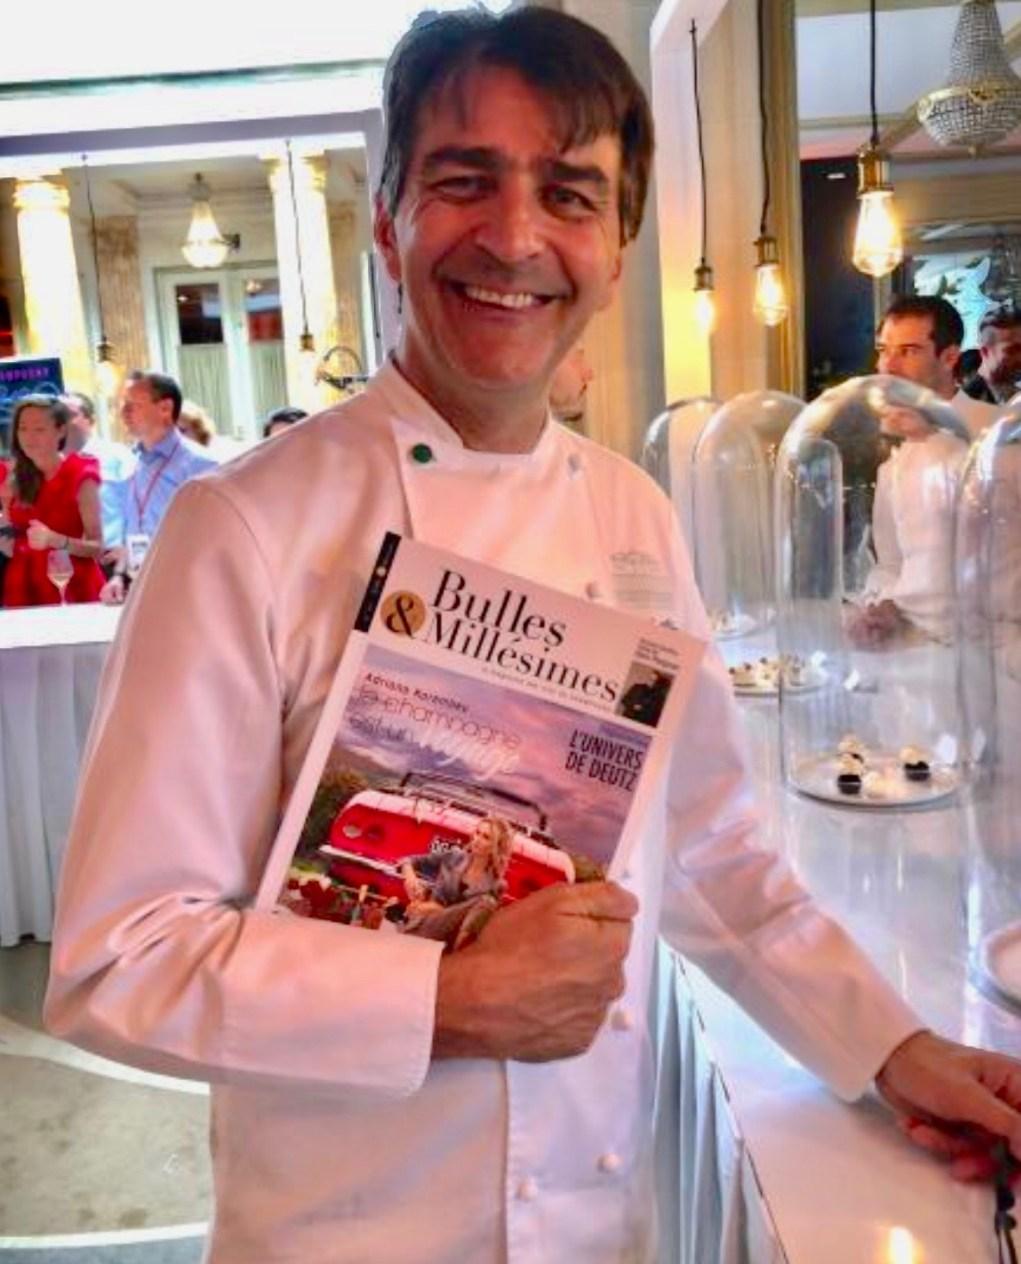 Yannick Alléno désigné Champenois de l'année par le magazine Bulles & Millésimes.